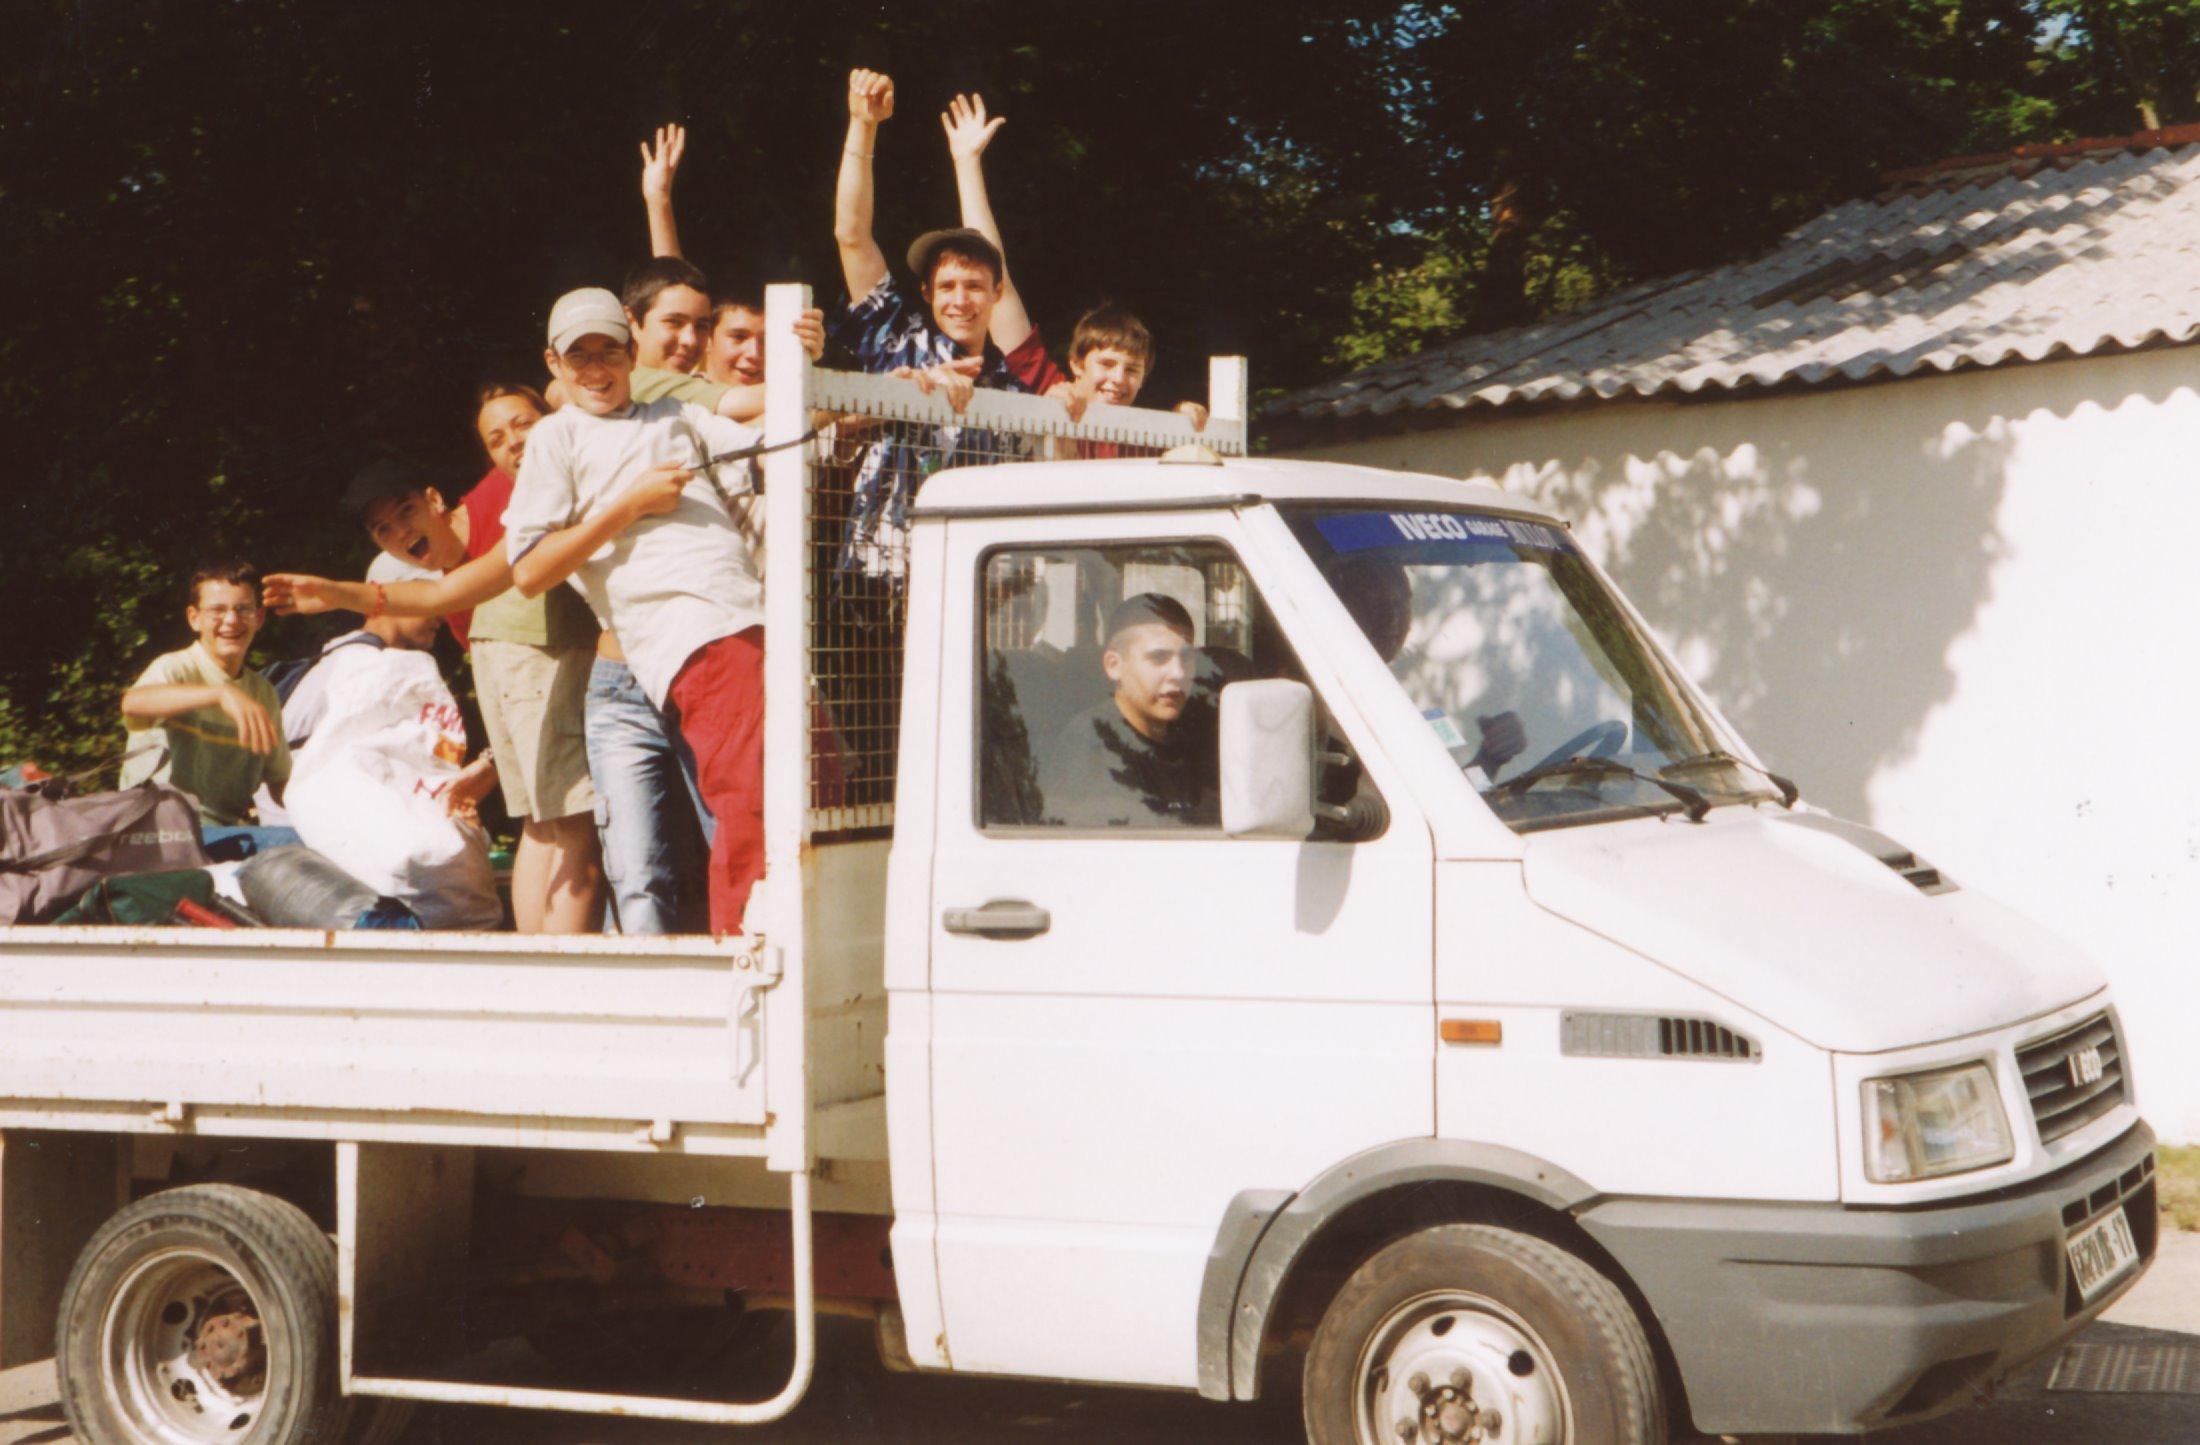 Archives anciens élèves mfr puy-sec 2002 (15)